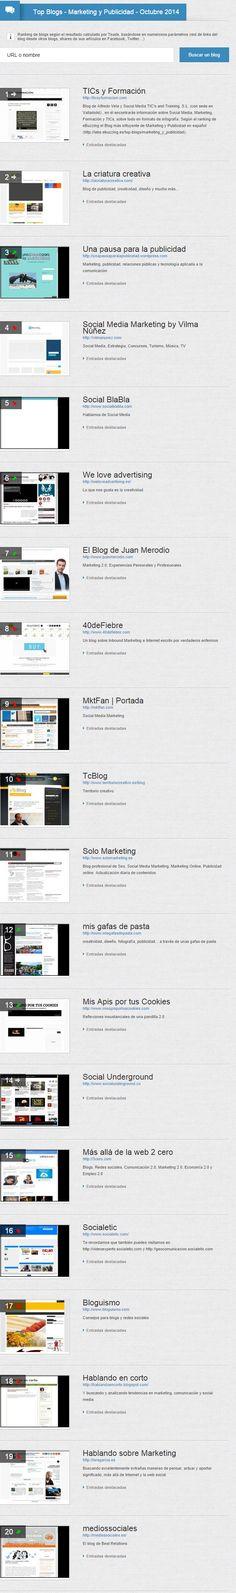 Top blog de marketing y publicidad. Octubre 2014. Infografía en español. #CommunityManager